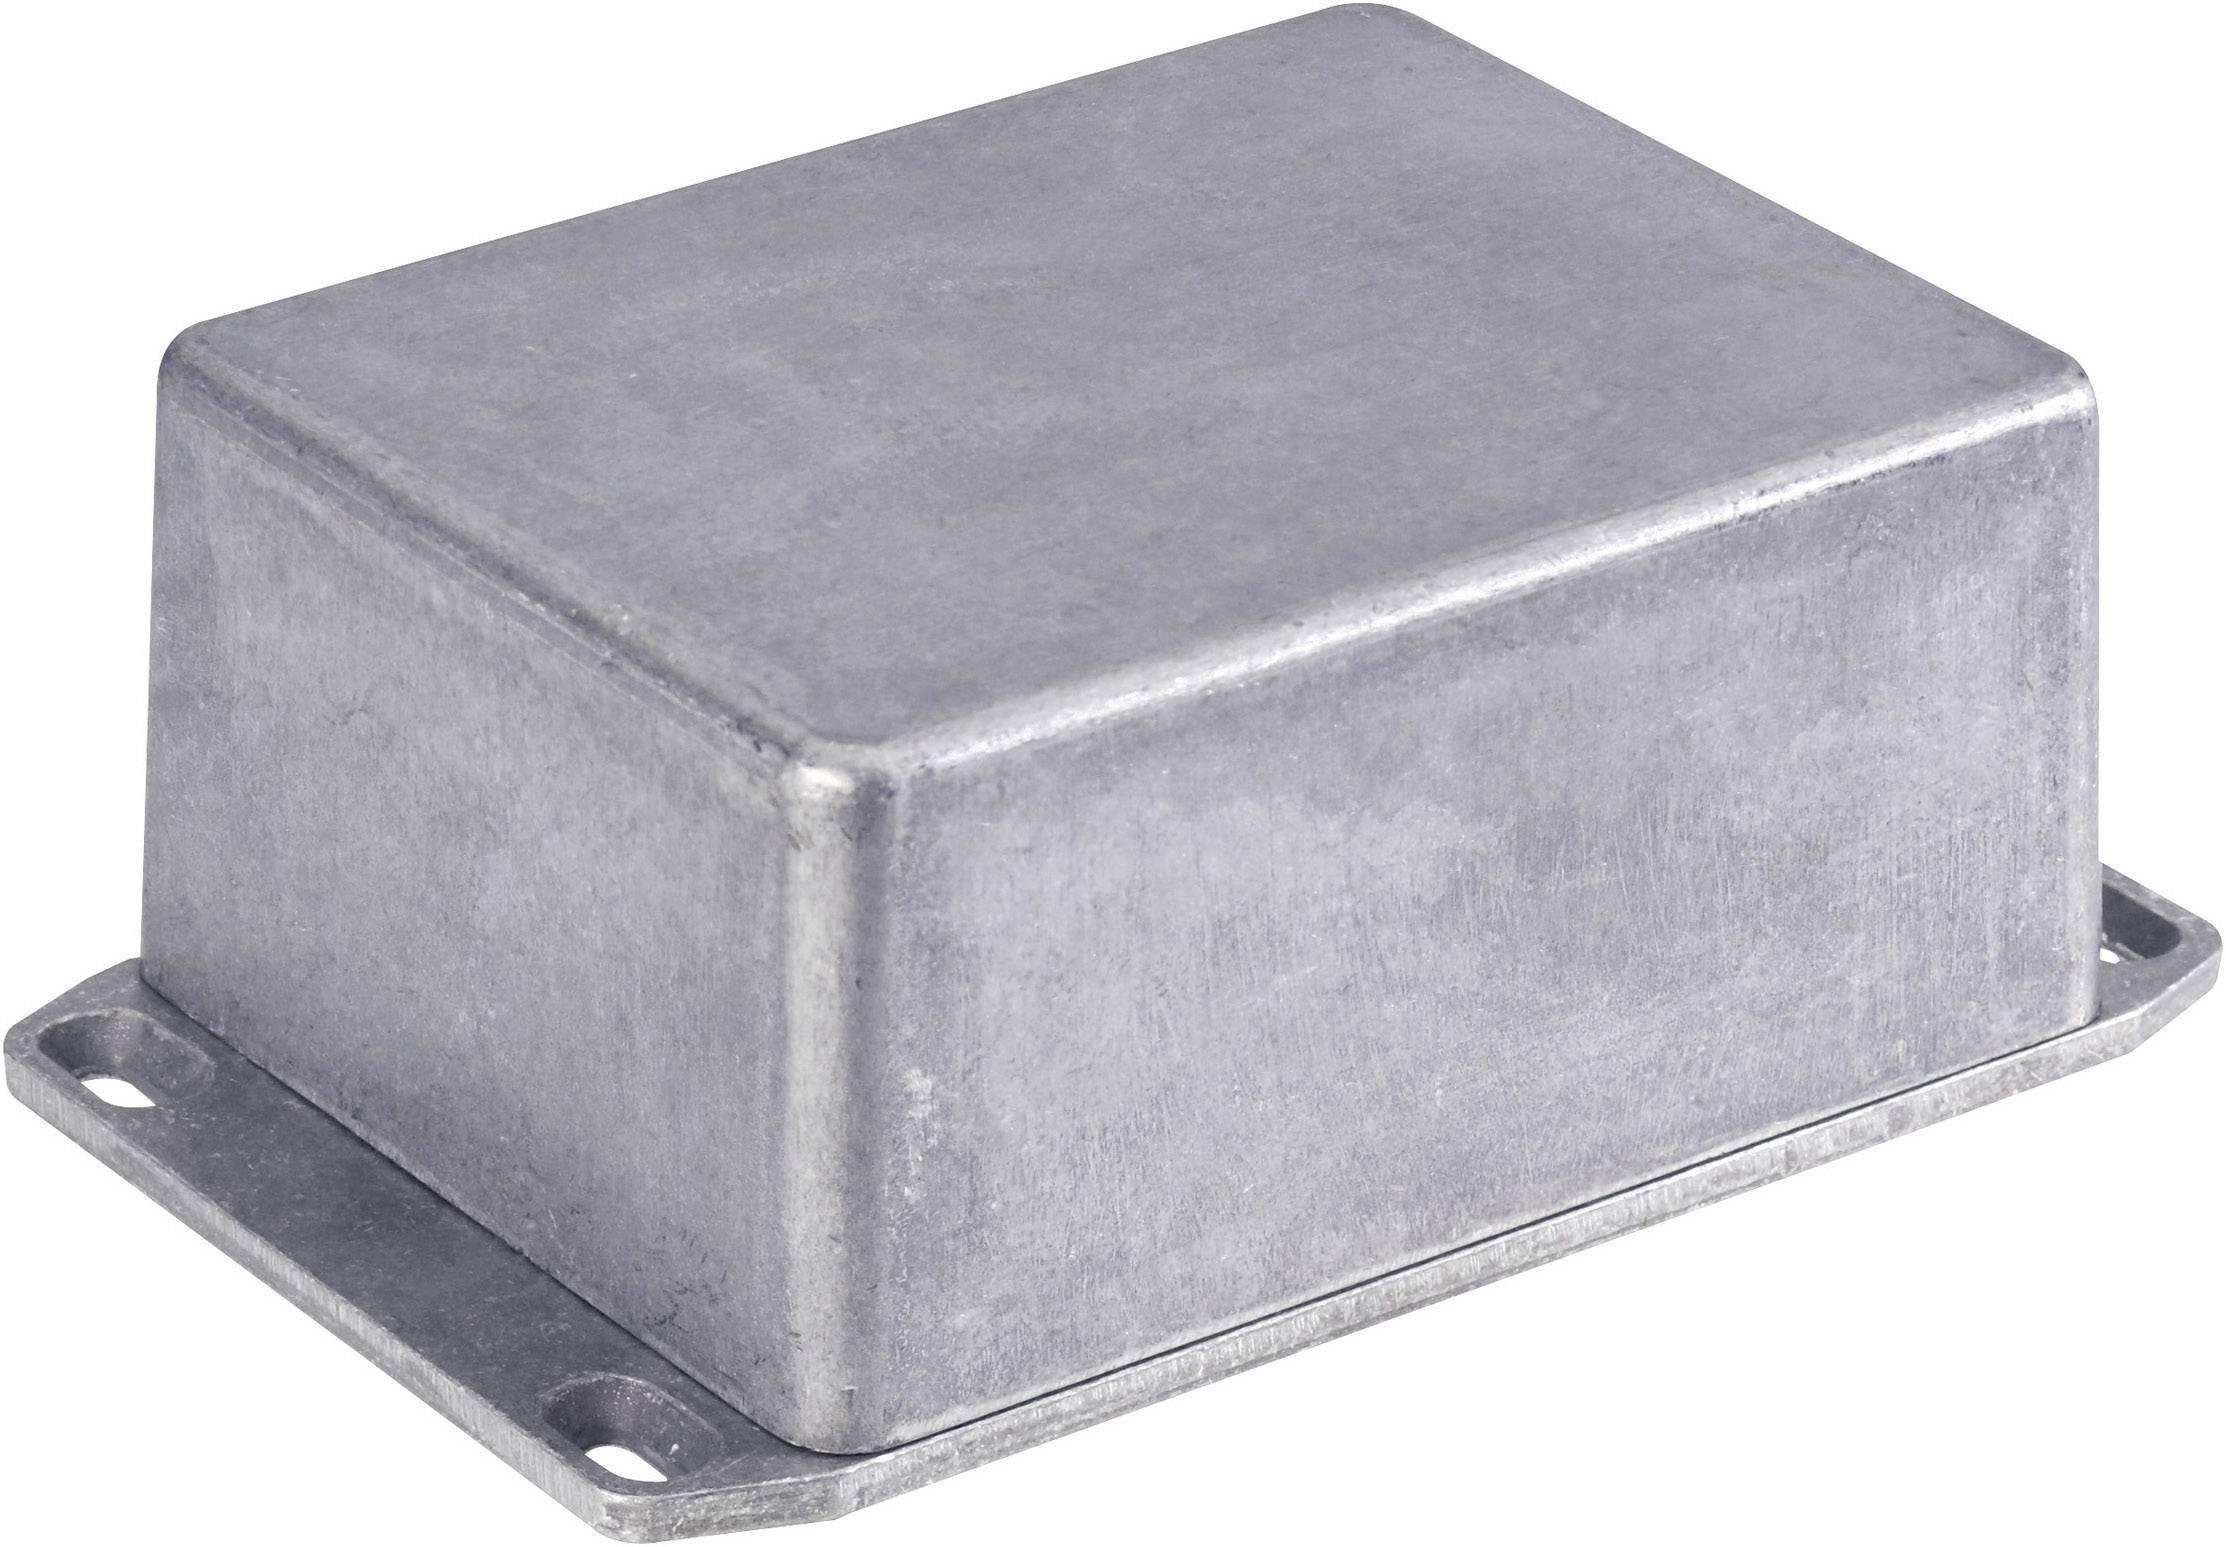 Tlakem lité hliníkové pouzdro Hammond Electronics 1590UFLBK, (d x š x v) 120 x 120 x 59 mm, černá